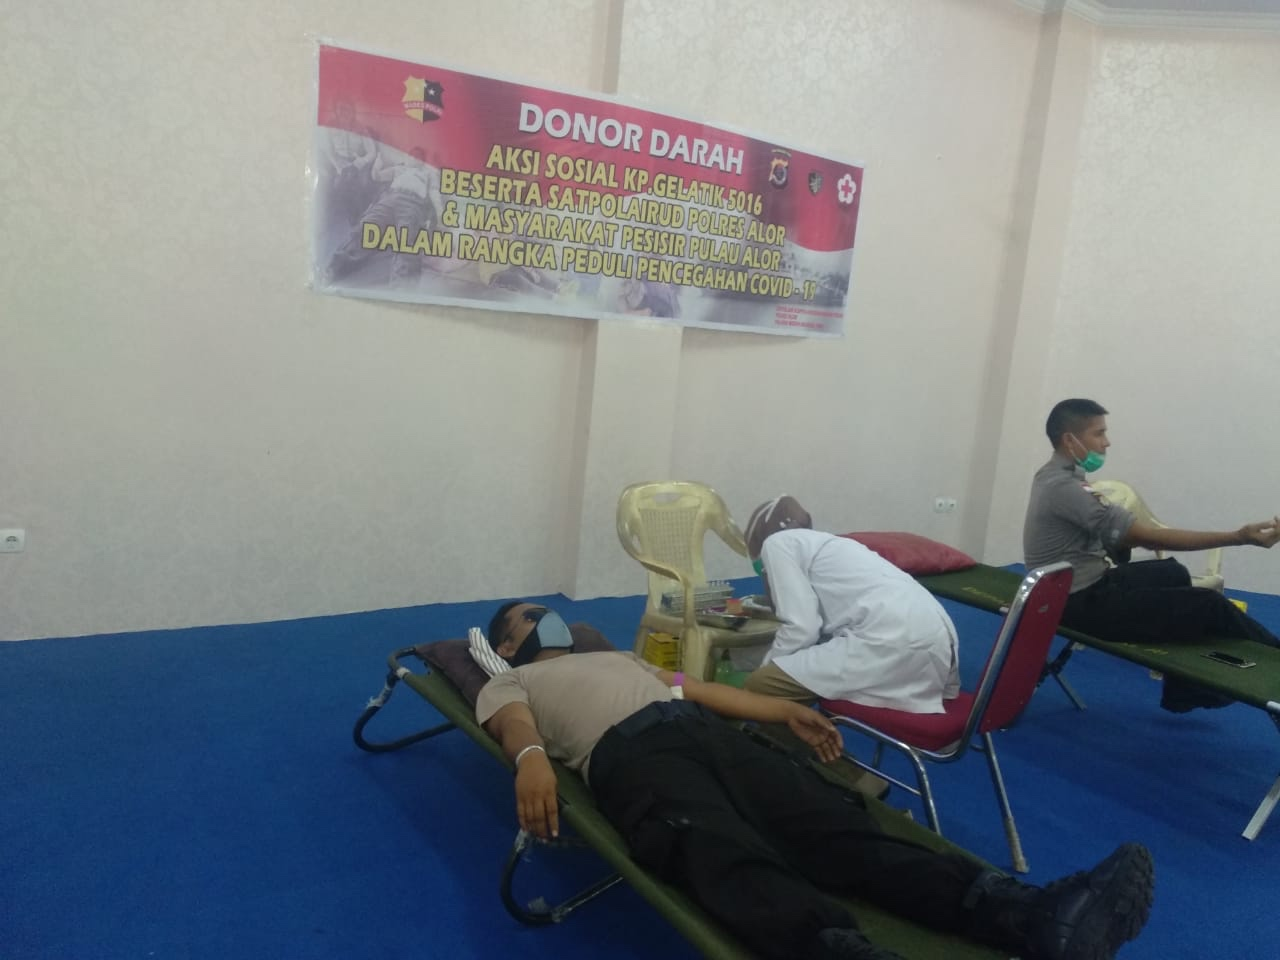 Aksi Sosial Donor Darah Dalam Rangka Peduli Pencegahan Covid-19